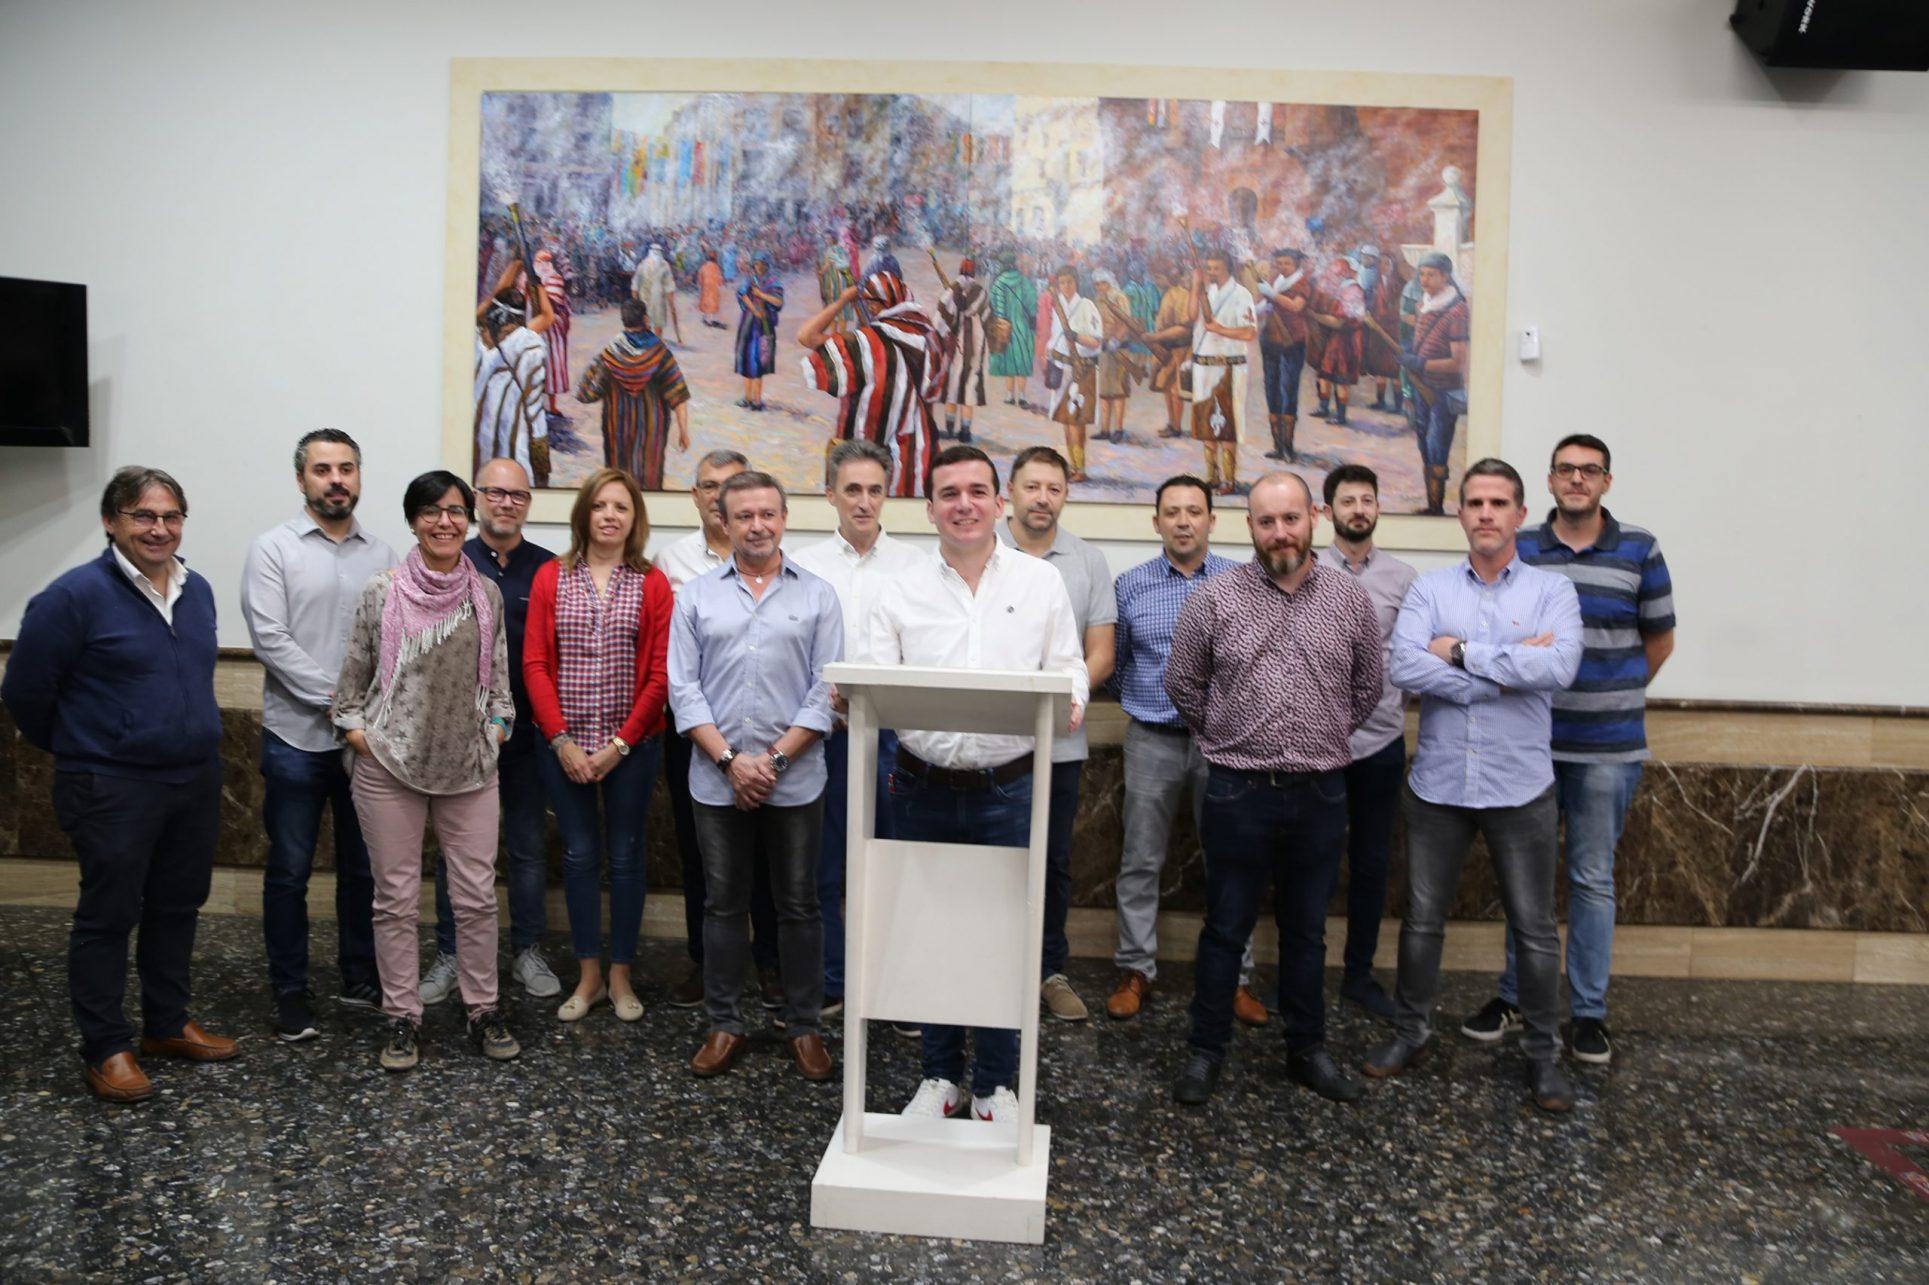 La Societat de Festers irá a elecciones el 11 de noviembre El Periòdic d'Ontinyent